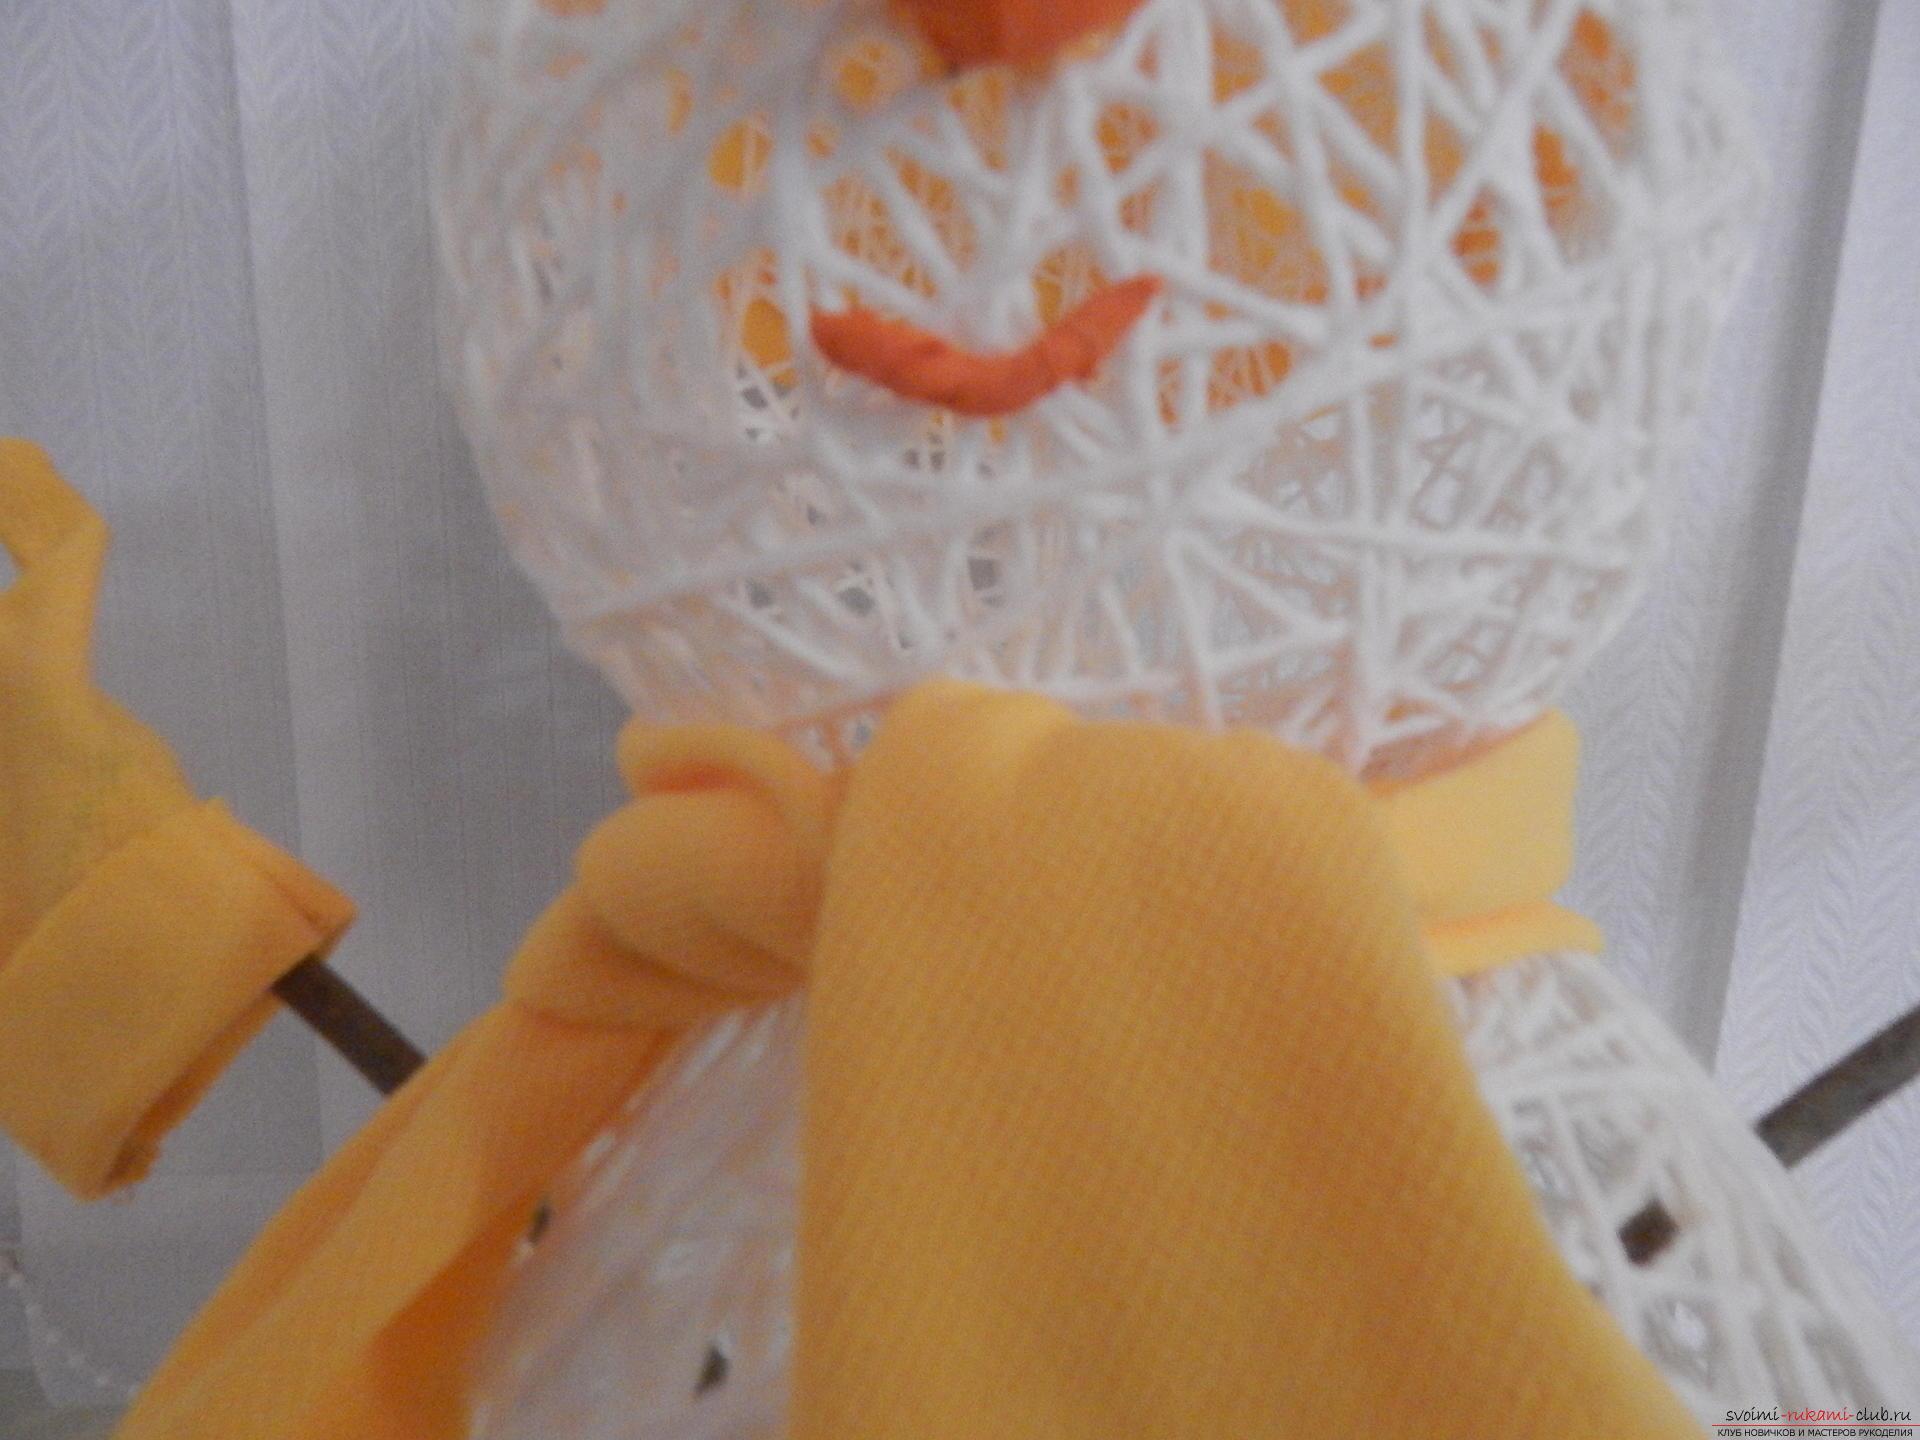 Новорічні вироби дуже різноманітні, створити сніговика своїми руками можна навіть з ниток, якщо за вікном мало снігу .. Фото №7